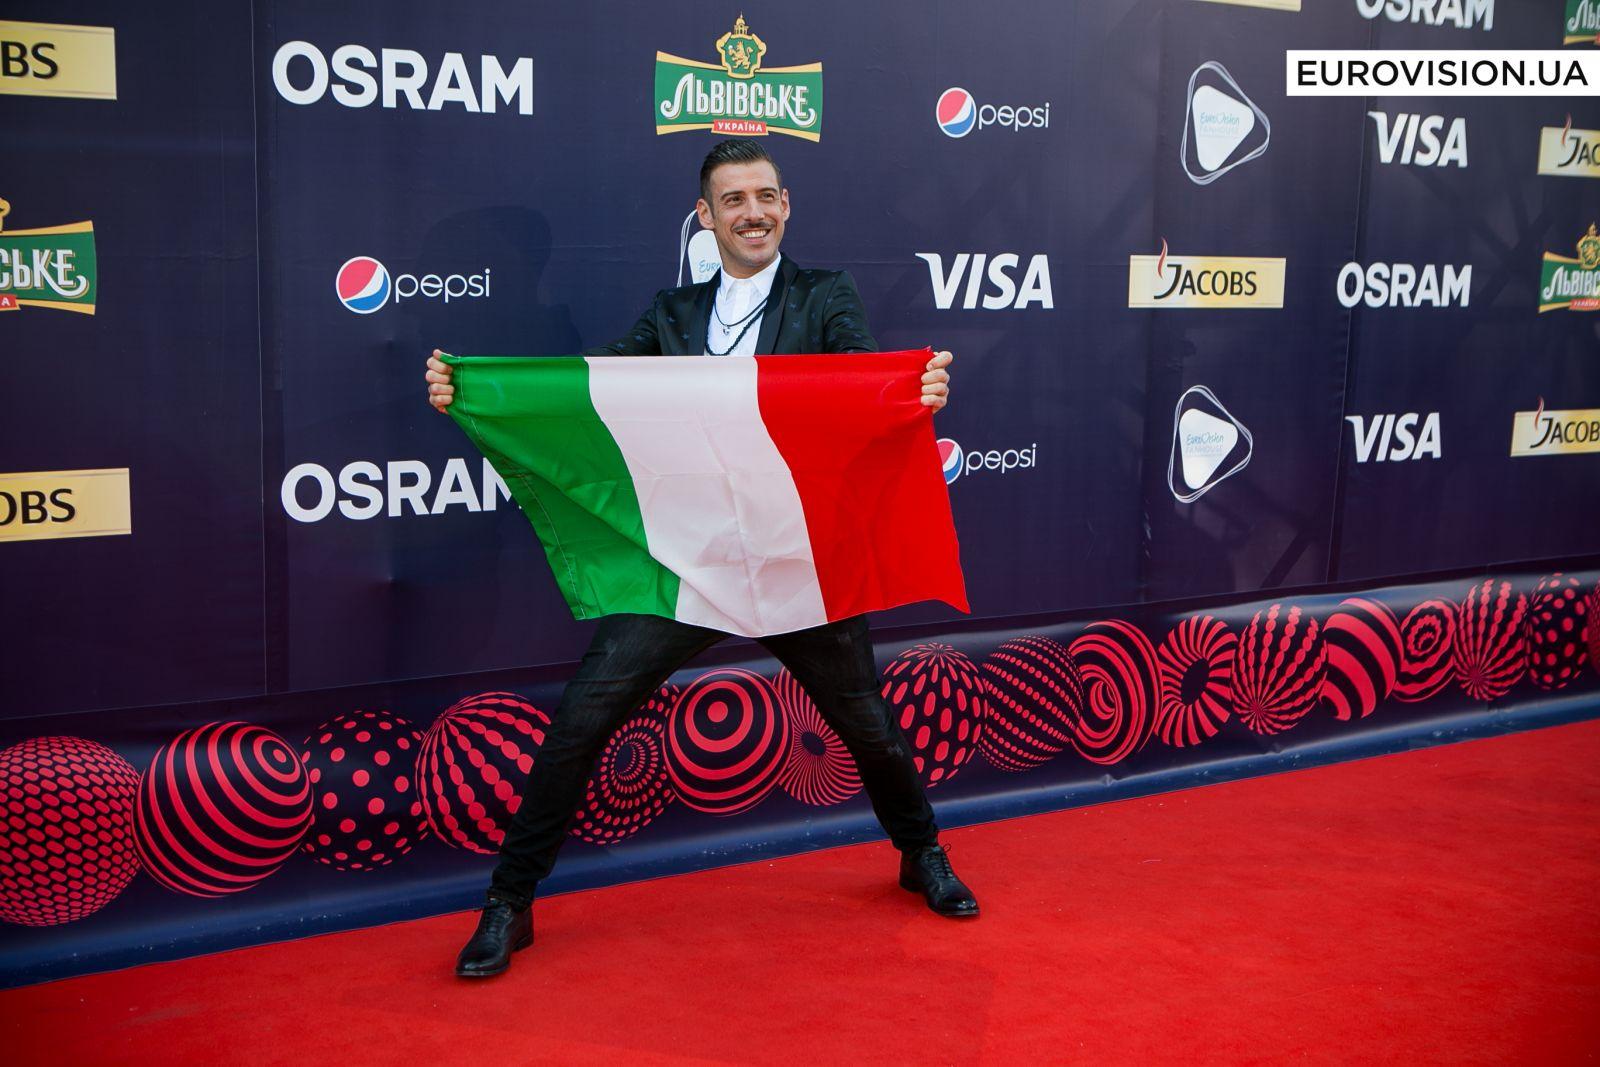 Франческо Габбани, представитель Италии